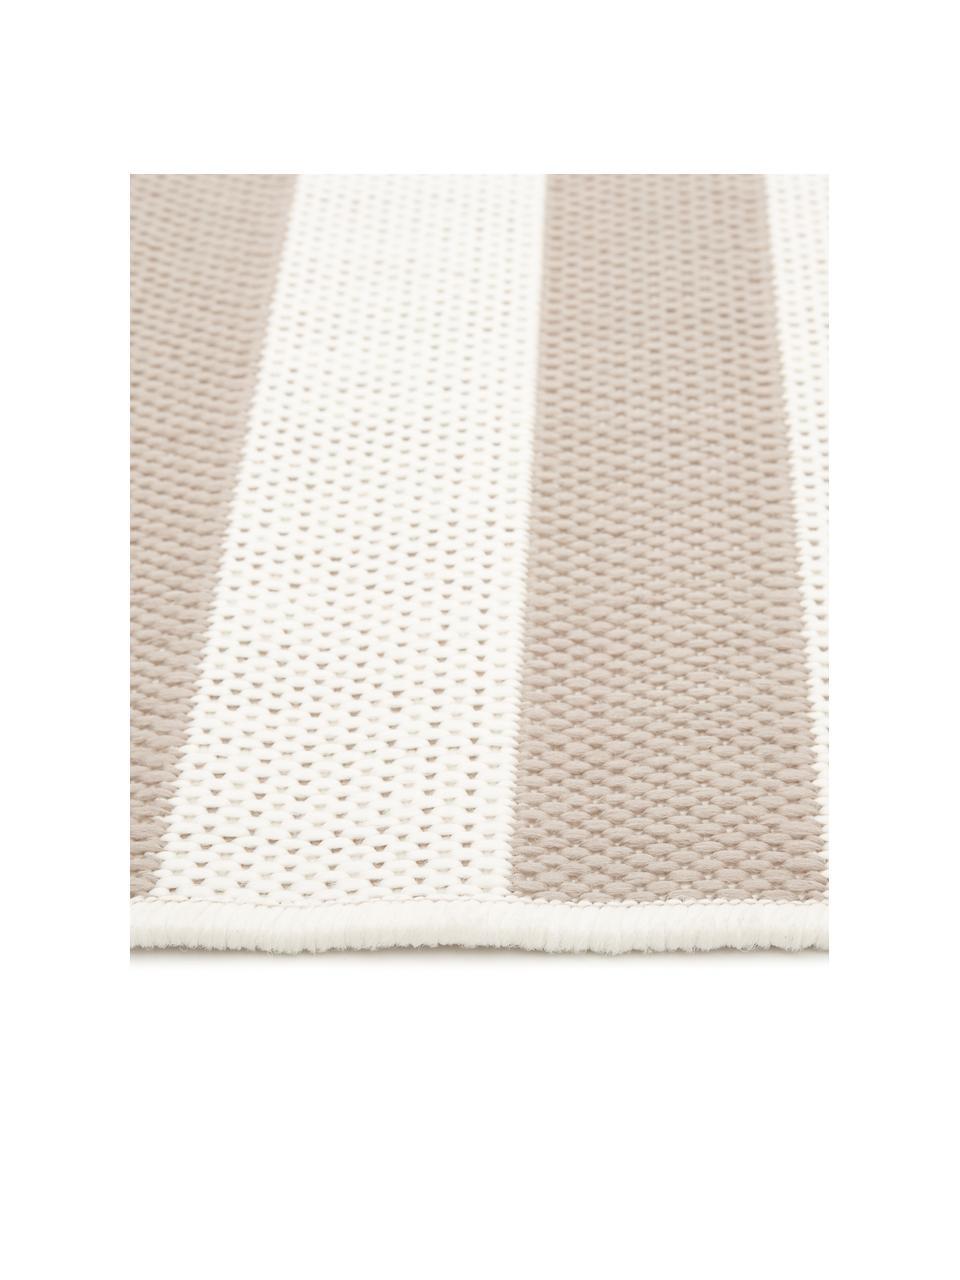 Gestreept in- & outdoor vloerkleed Axa in beige/wit, 86% polypropyleen, 14% polyester, Crèmewit, beige, B 200 x L 290 cm (maat L)